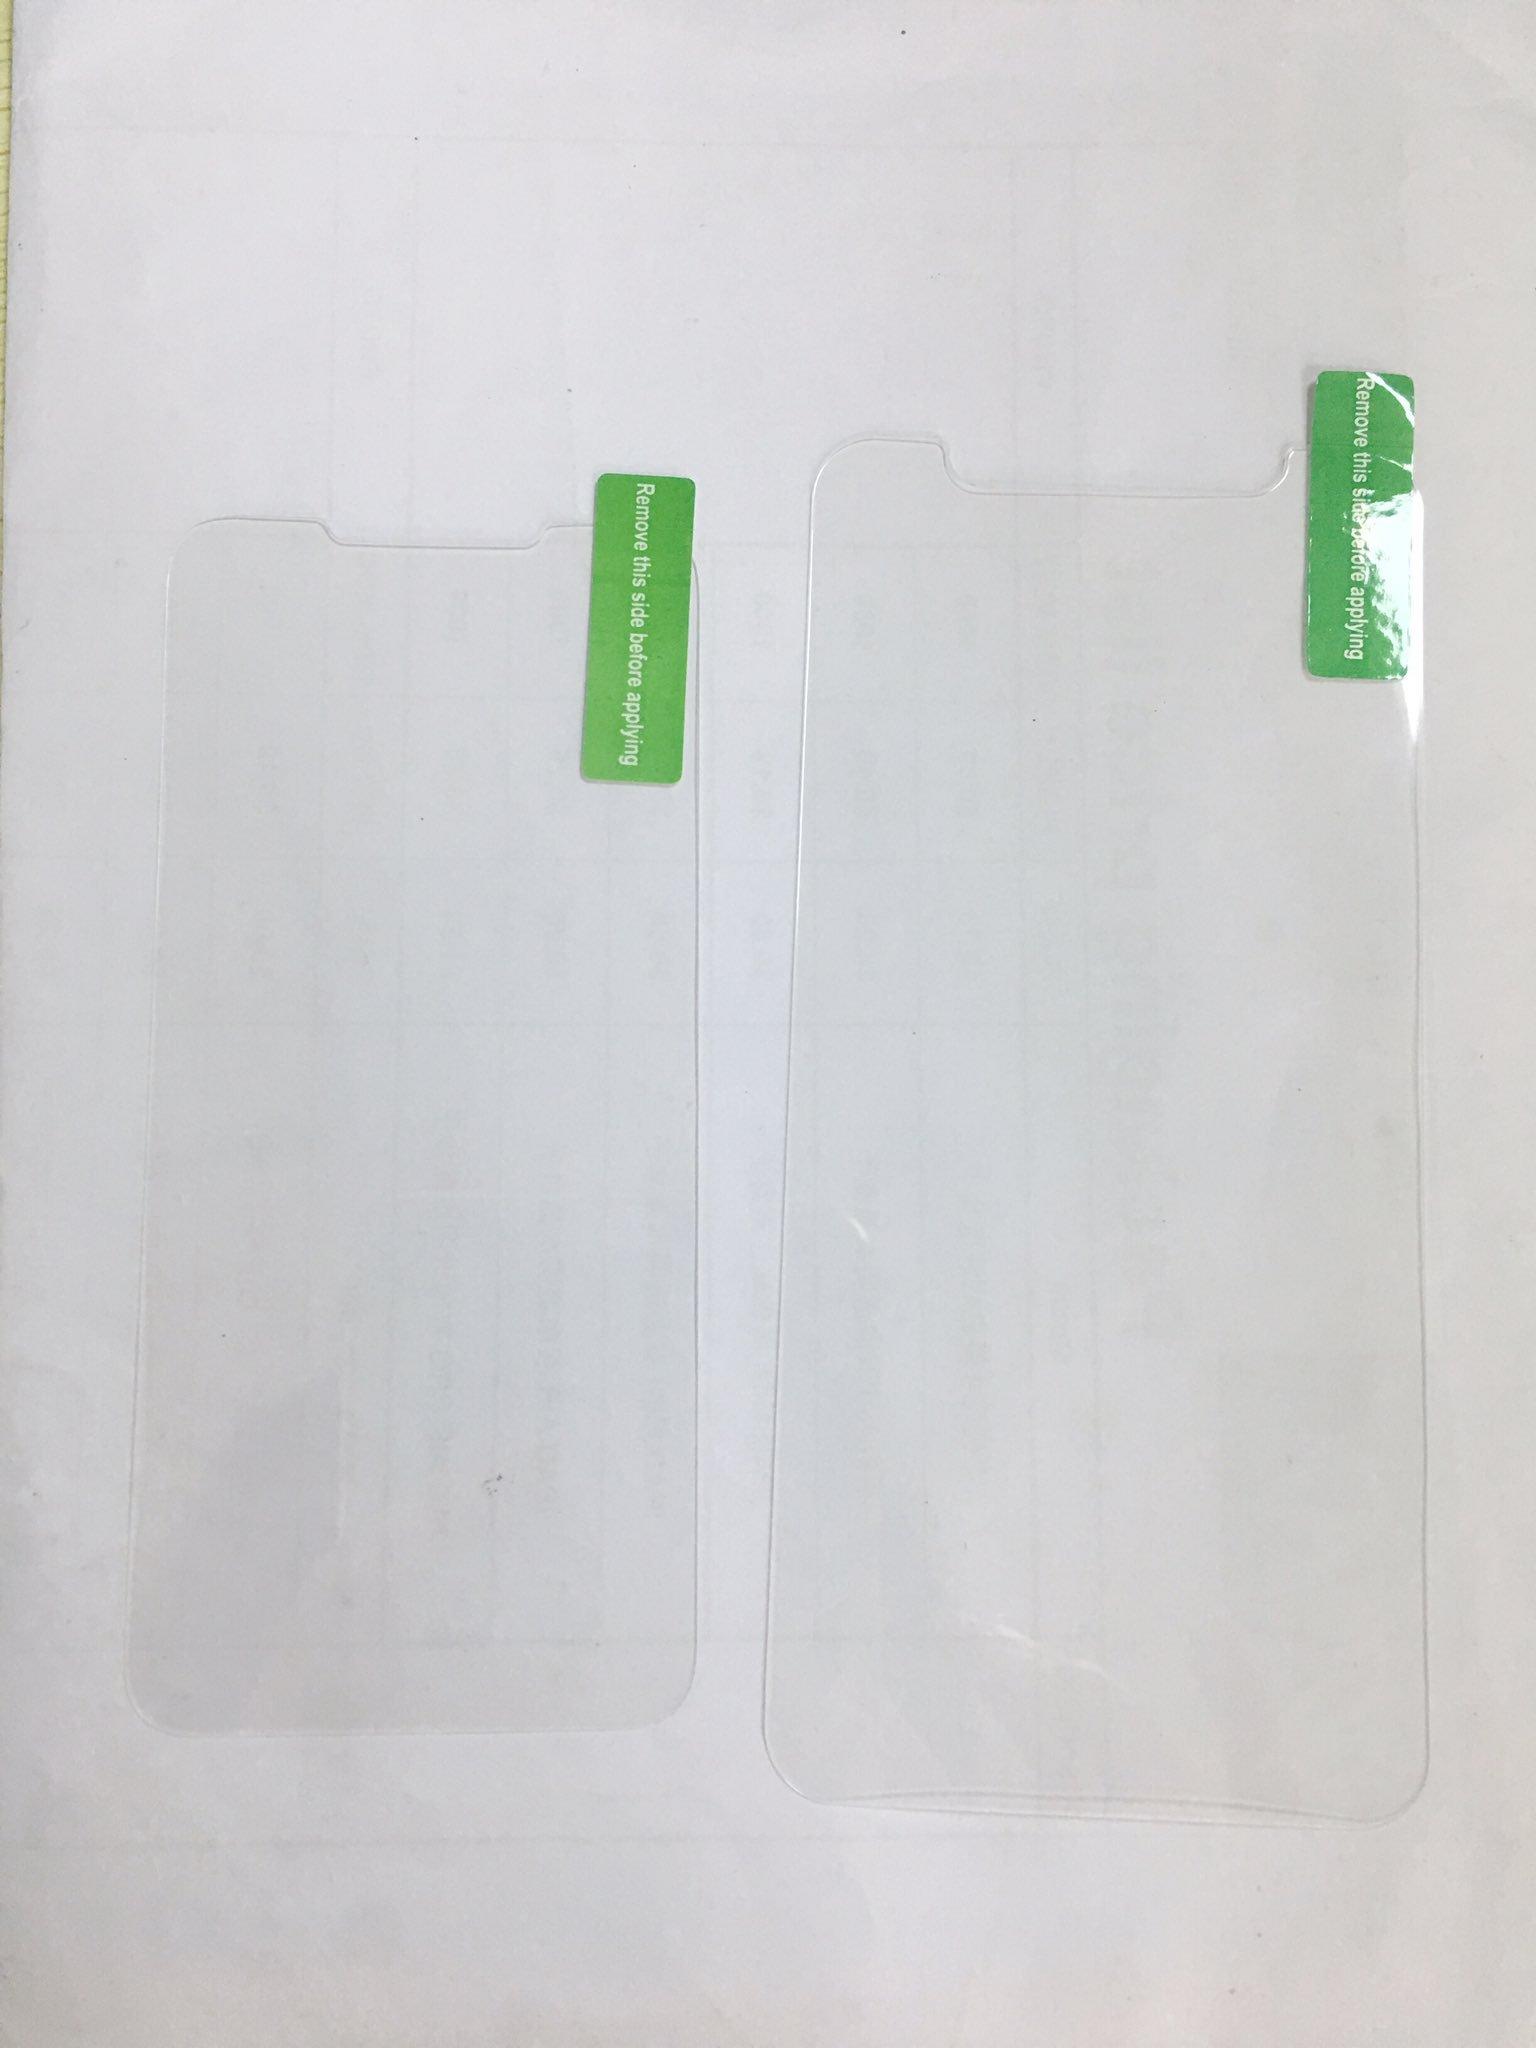 Película do iPhone SE 2?